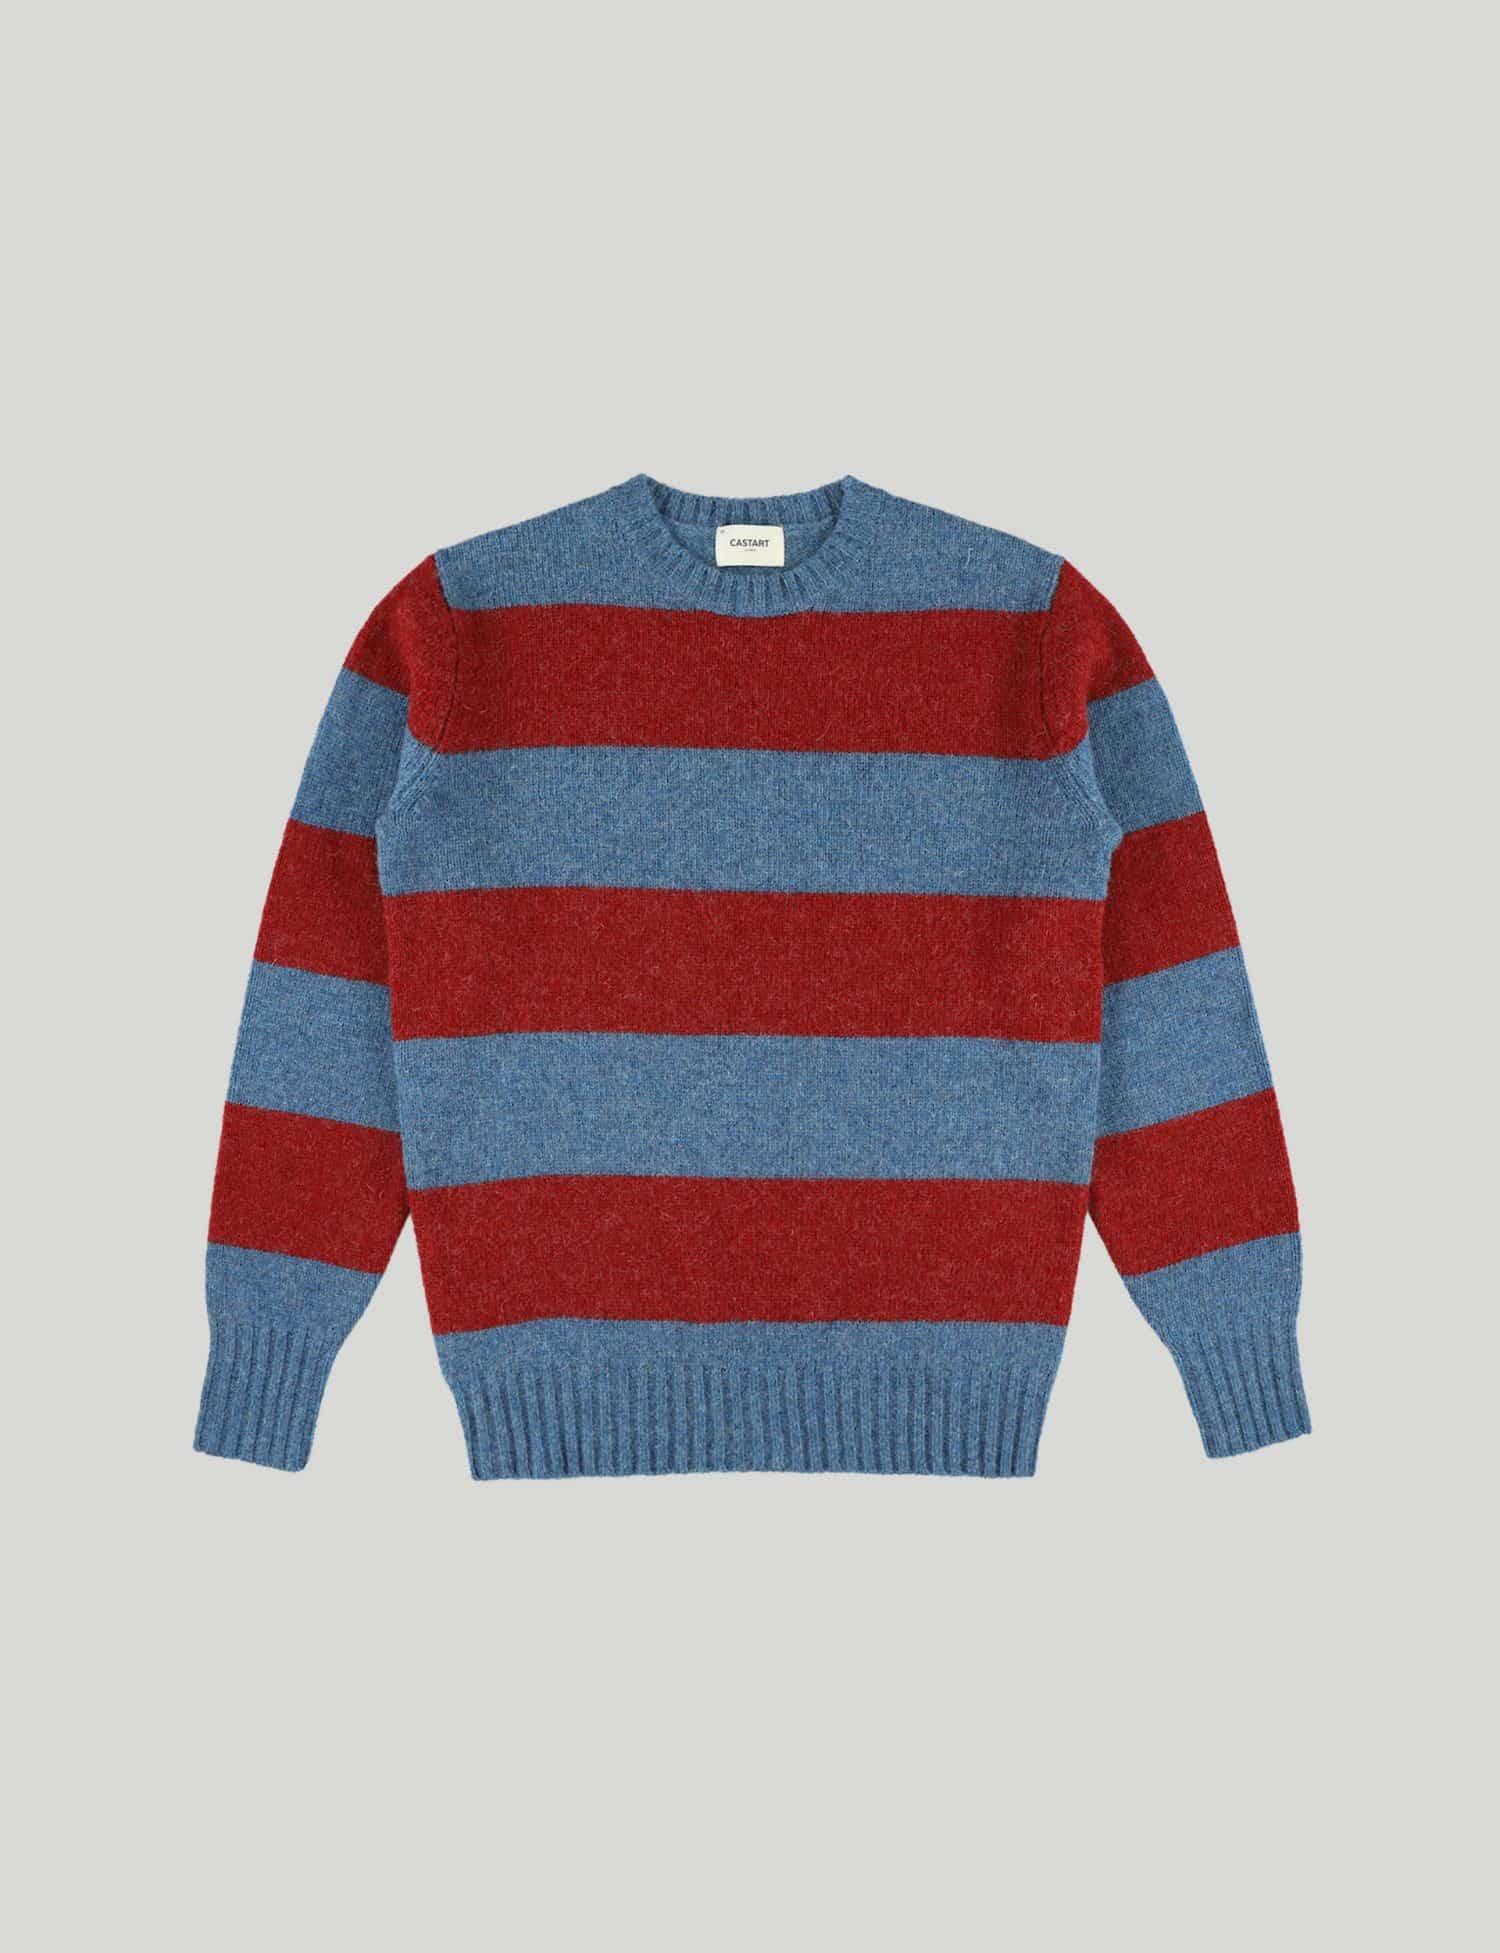 Castart - Poppelino Knitwear - Red